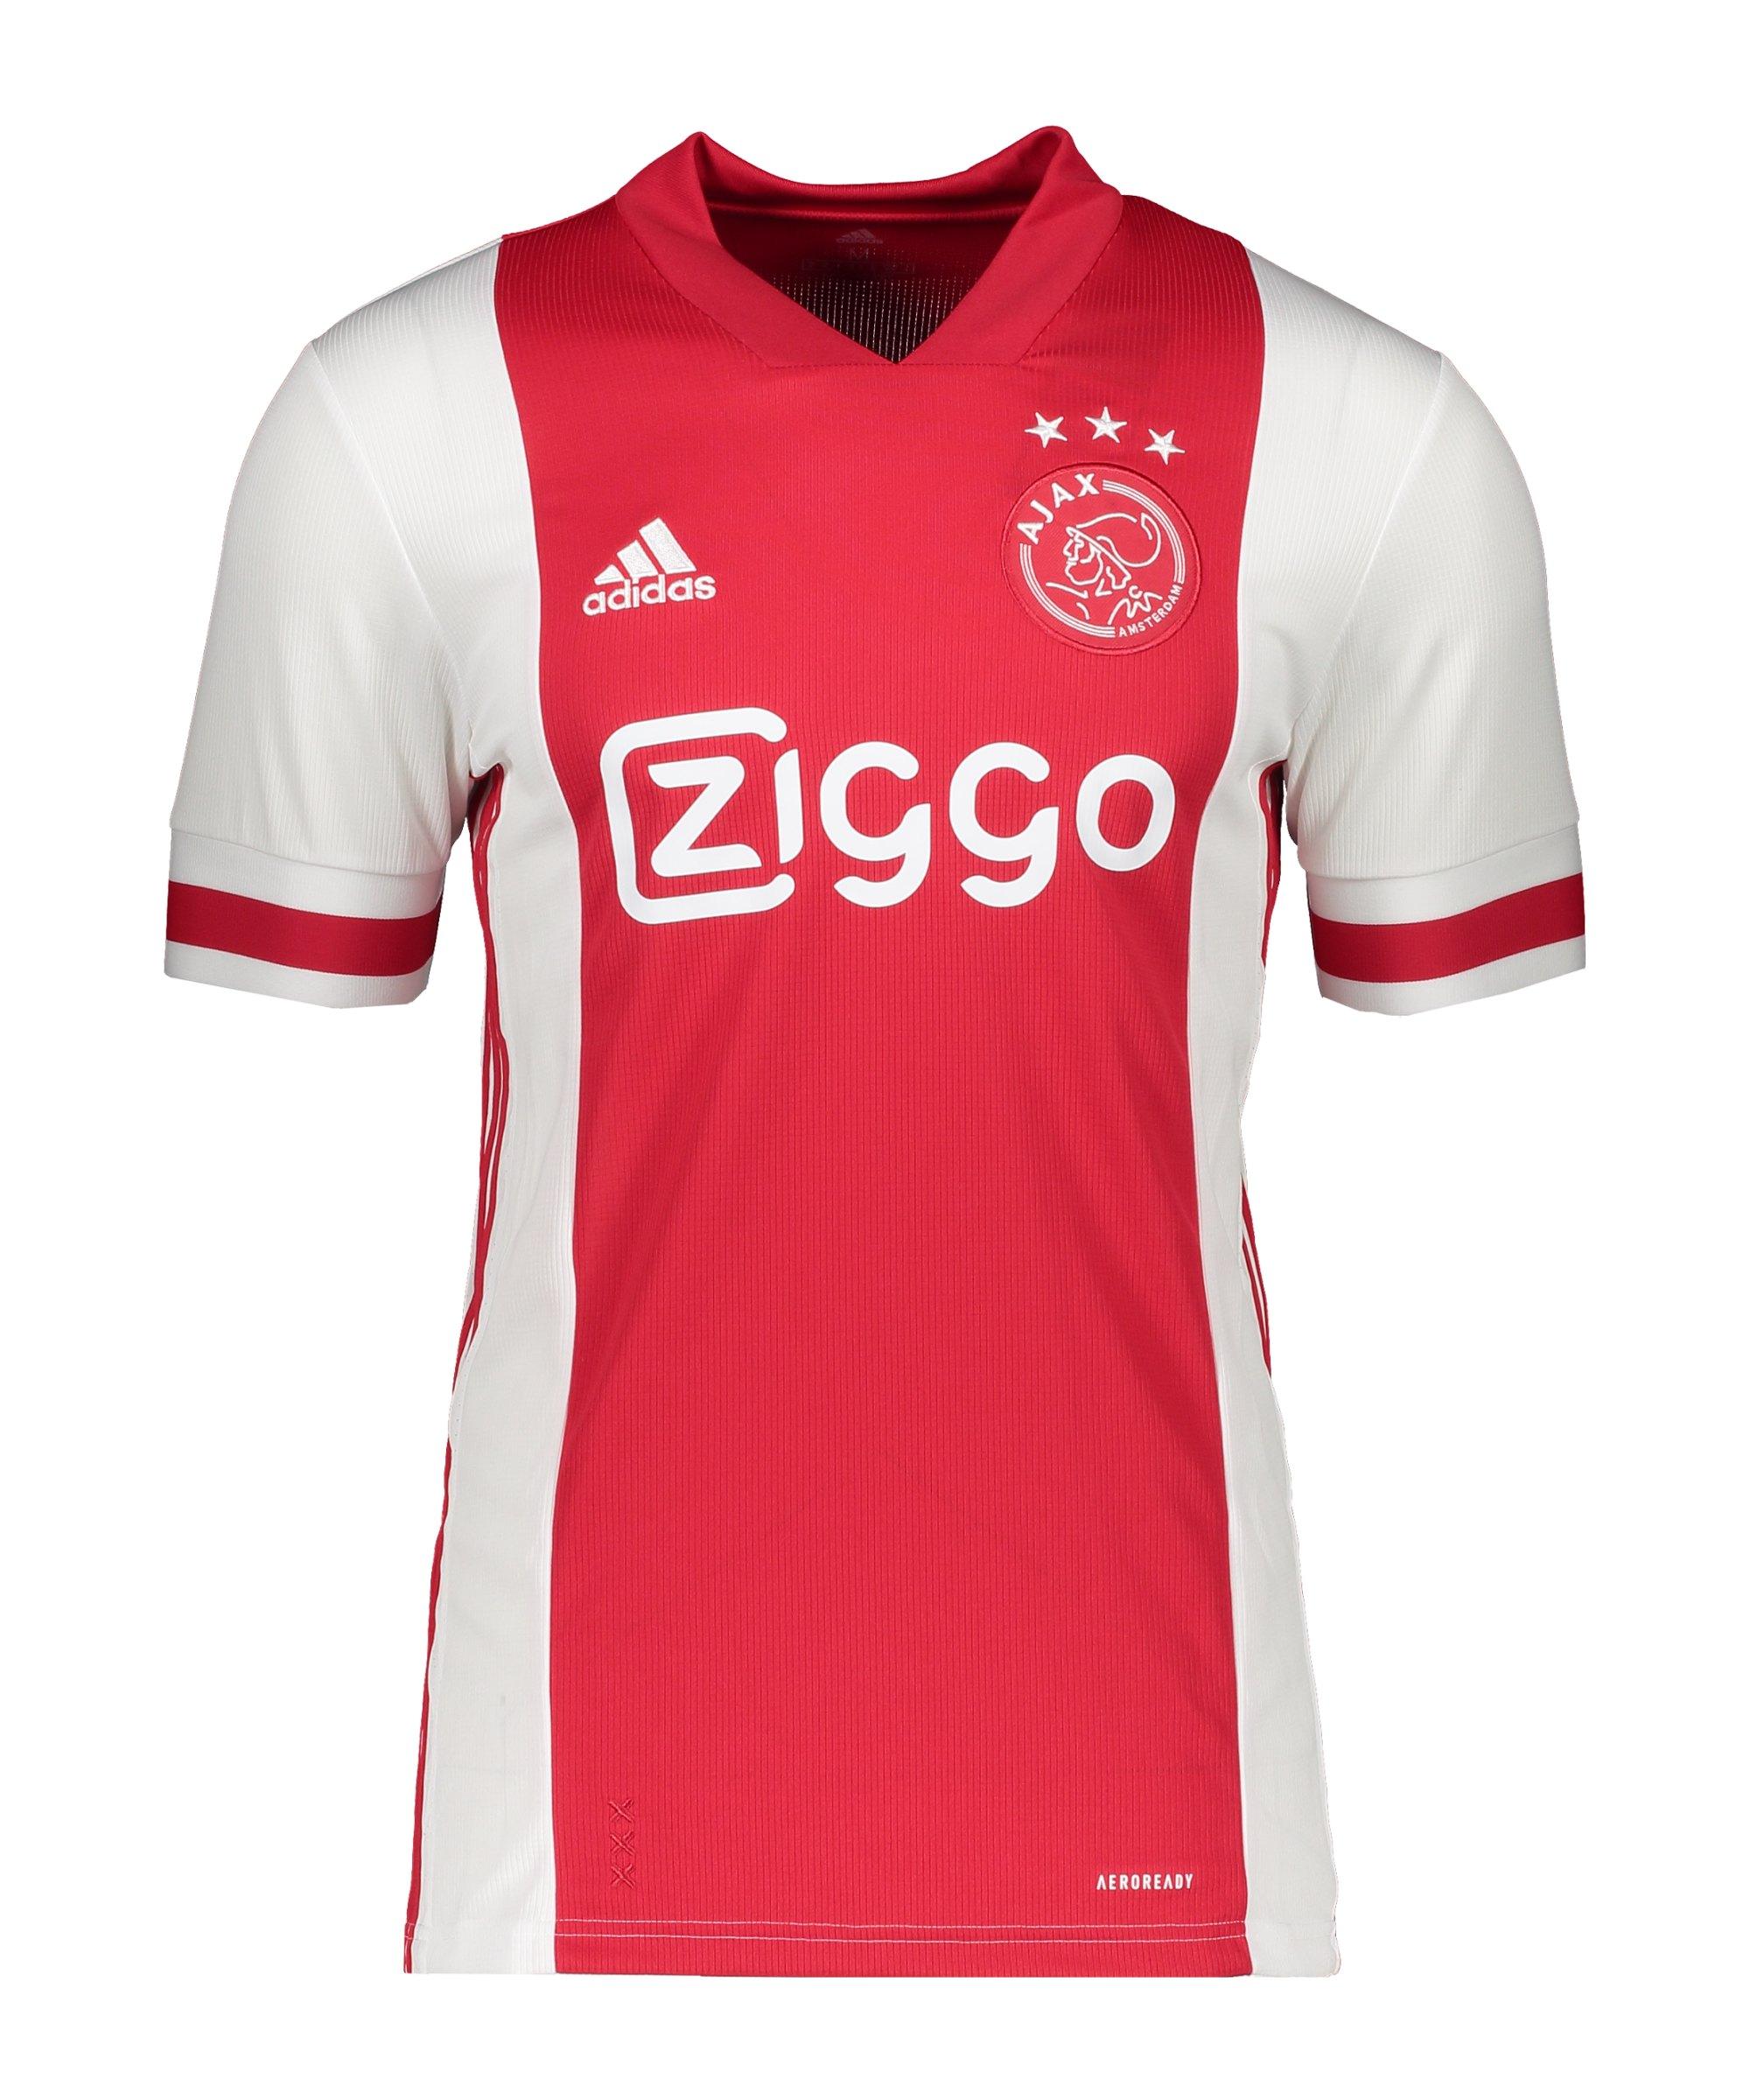 adidas Ajax Amsterdam Trikot Home 2020/2021 Weiss - weiss